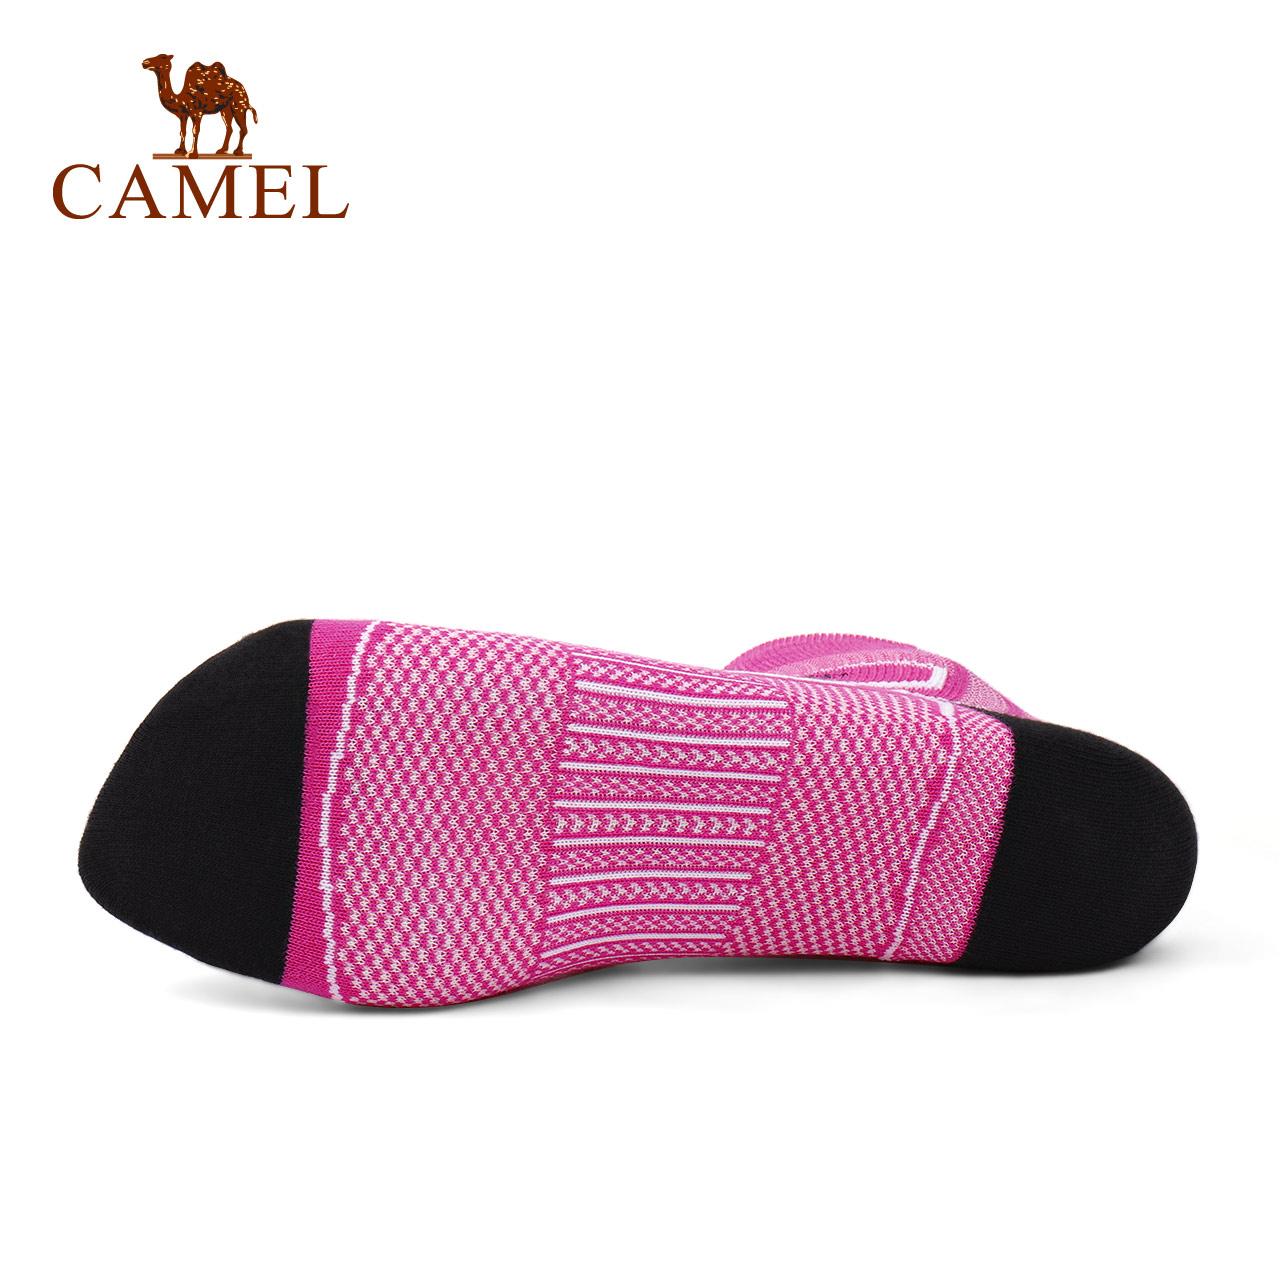 骆驼女款长袜 莱卡纤维吸湿排汗舒适透气针织中筒袜